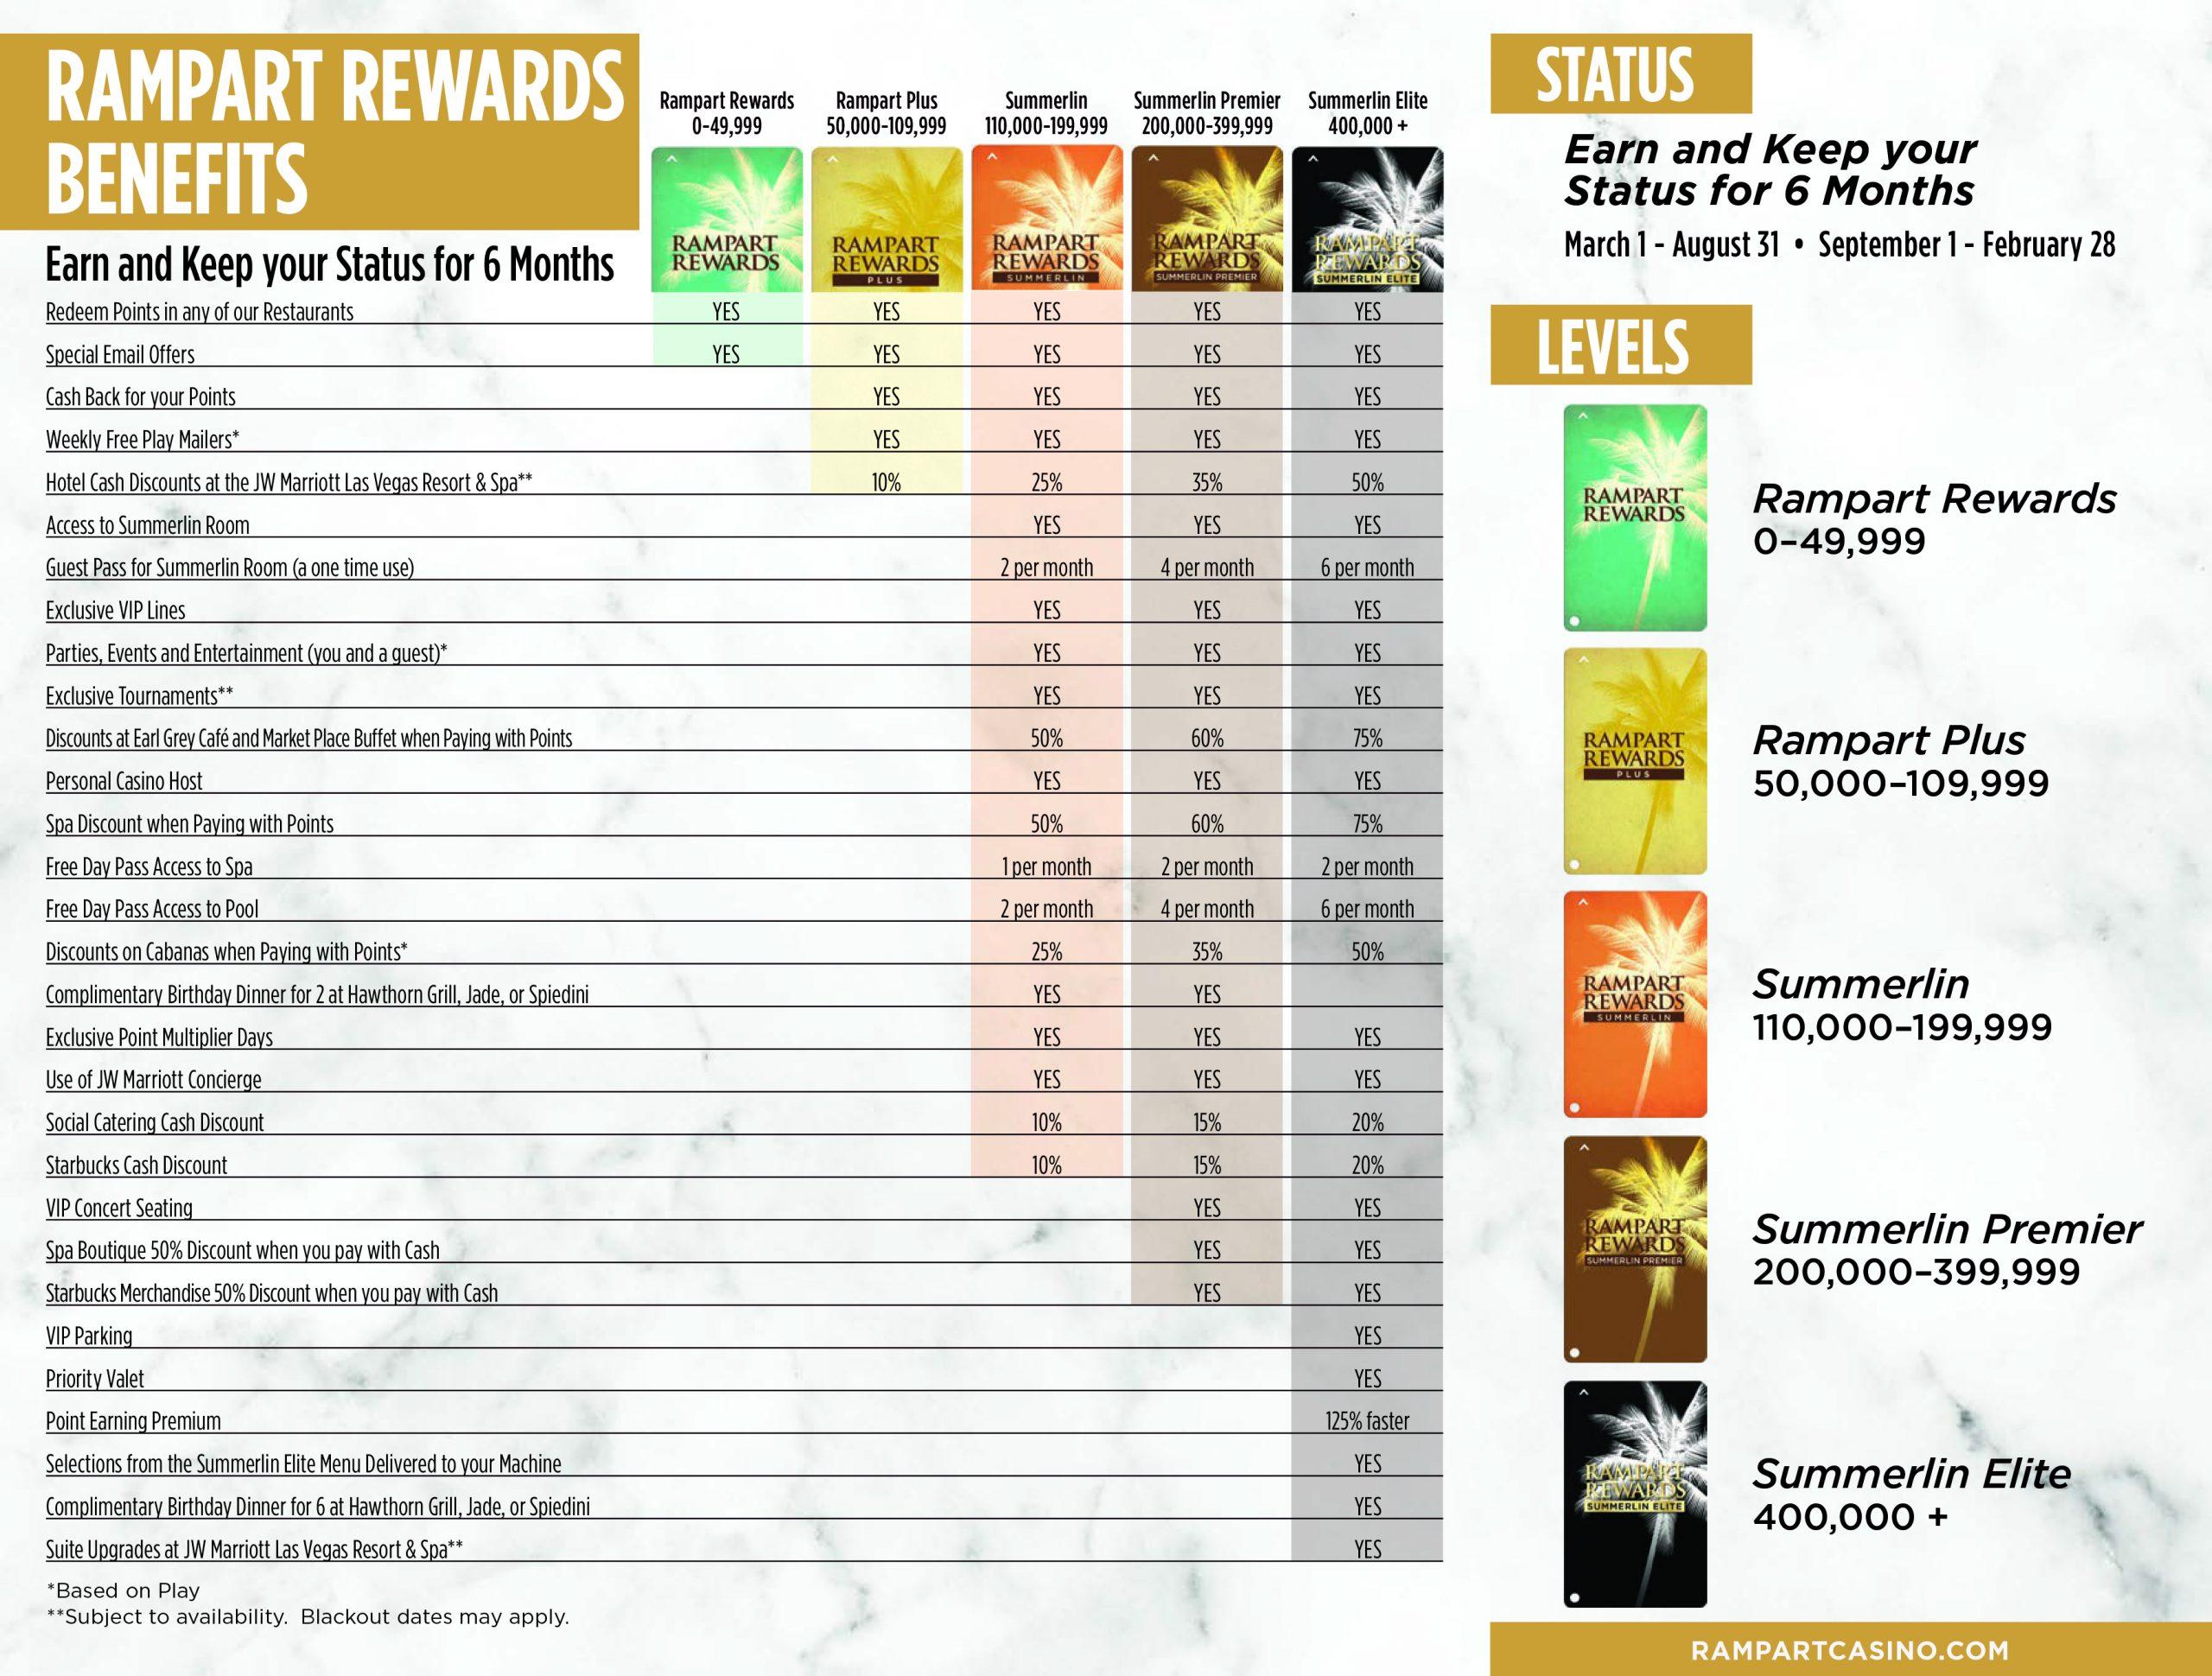 Rampart Rewards Club Benefits